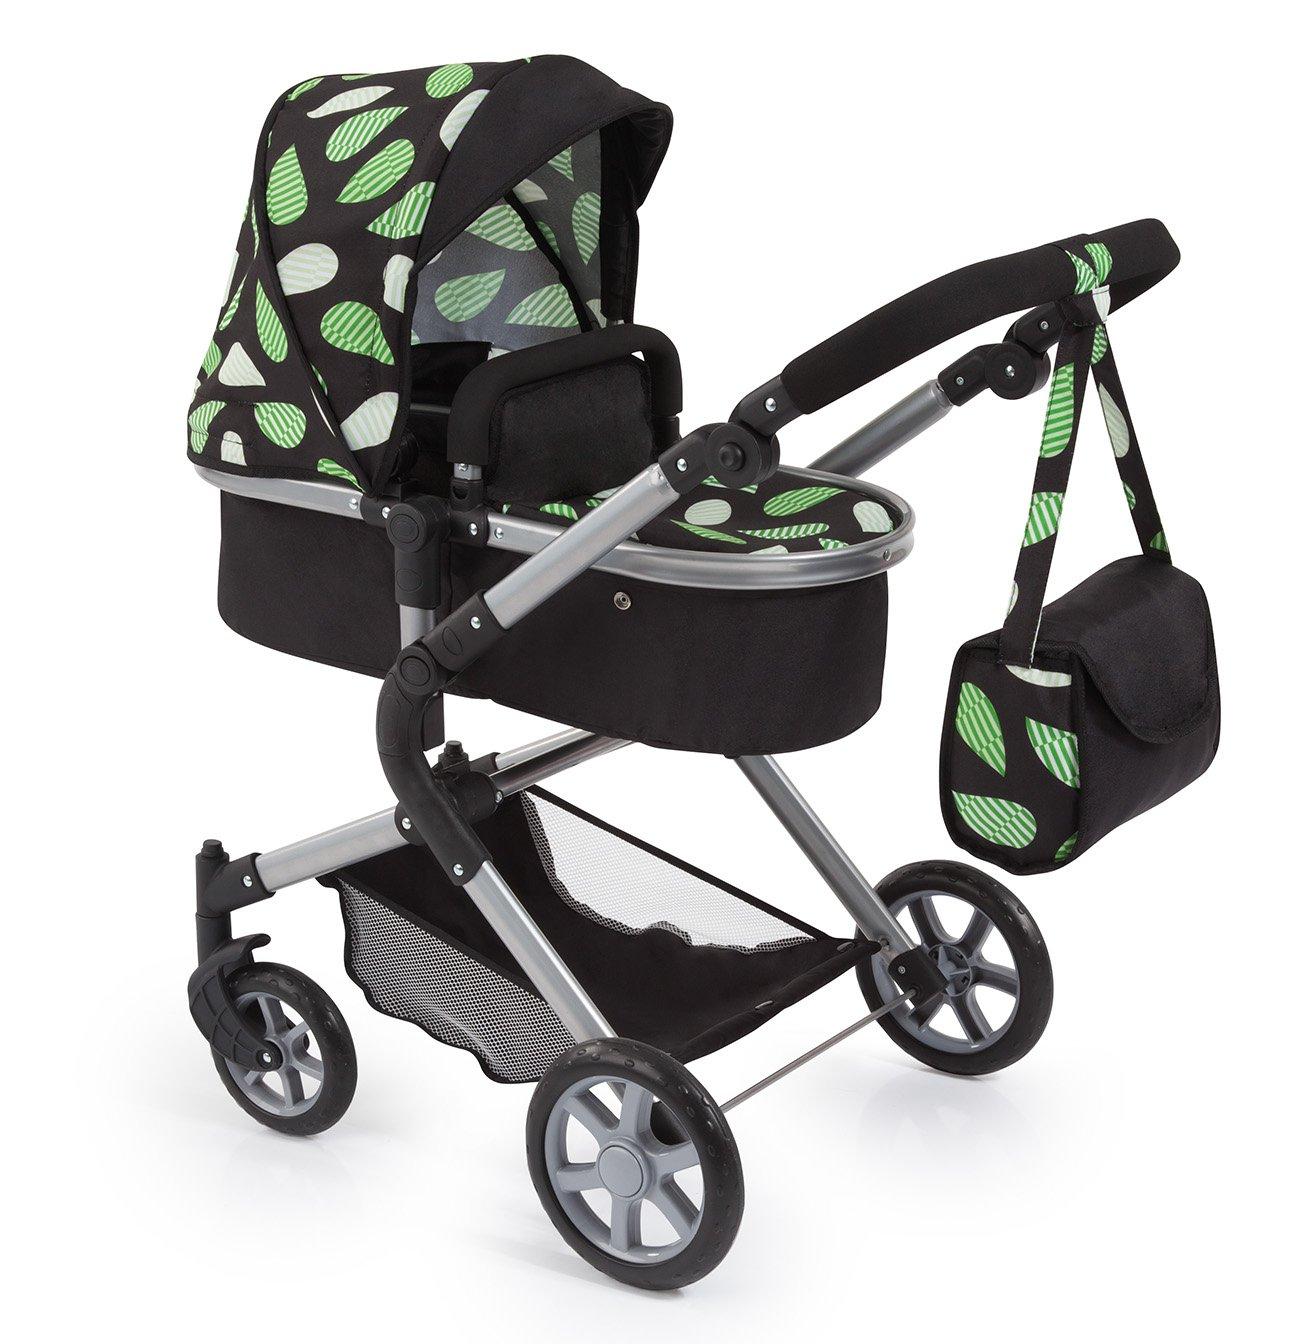 Bayer Design 18148AA Landau pour poupée City Neo avec un sac à bandoulière et un panier, convertible en une poussette, Noir avec Motif Vert